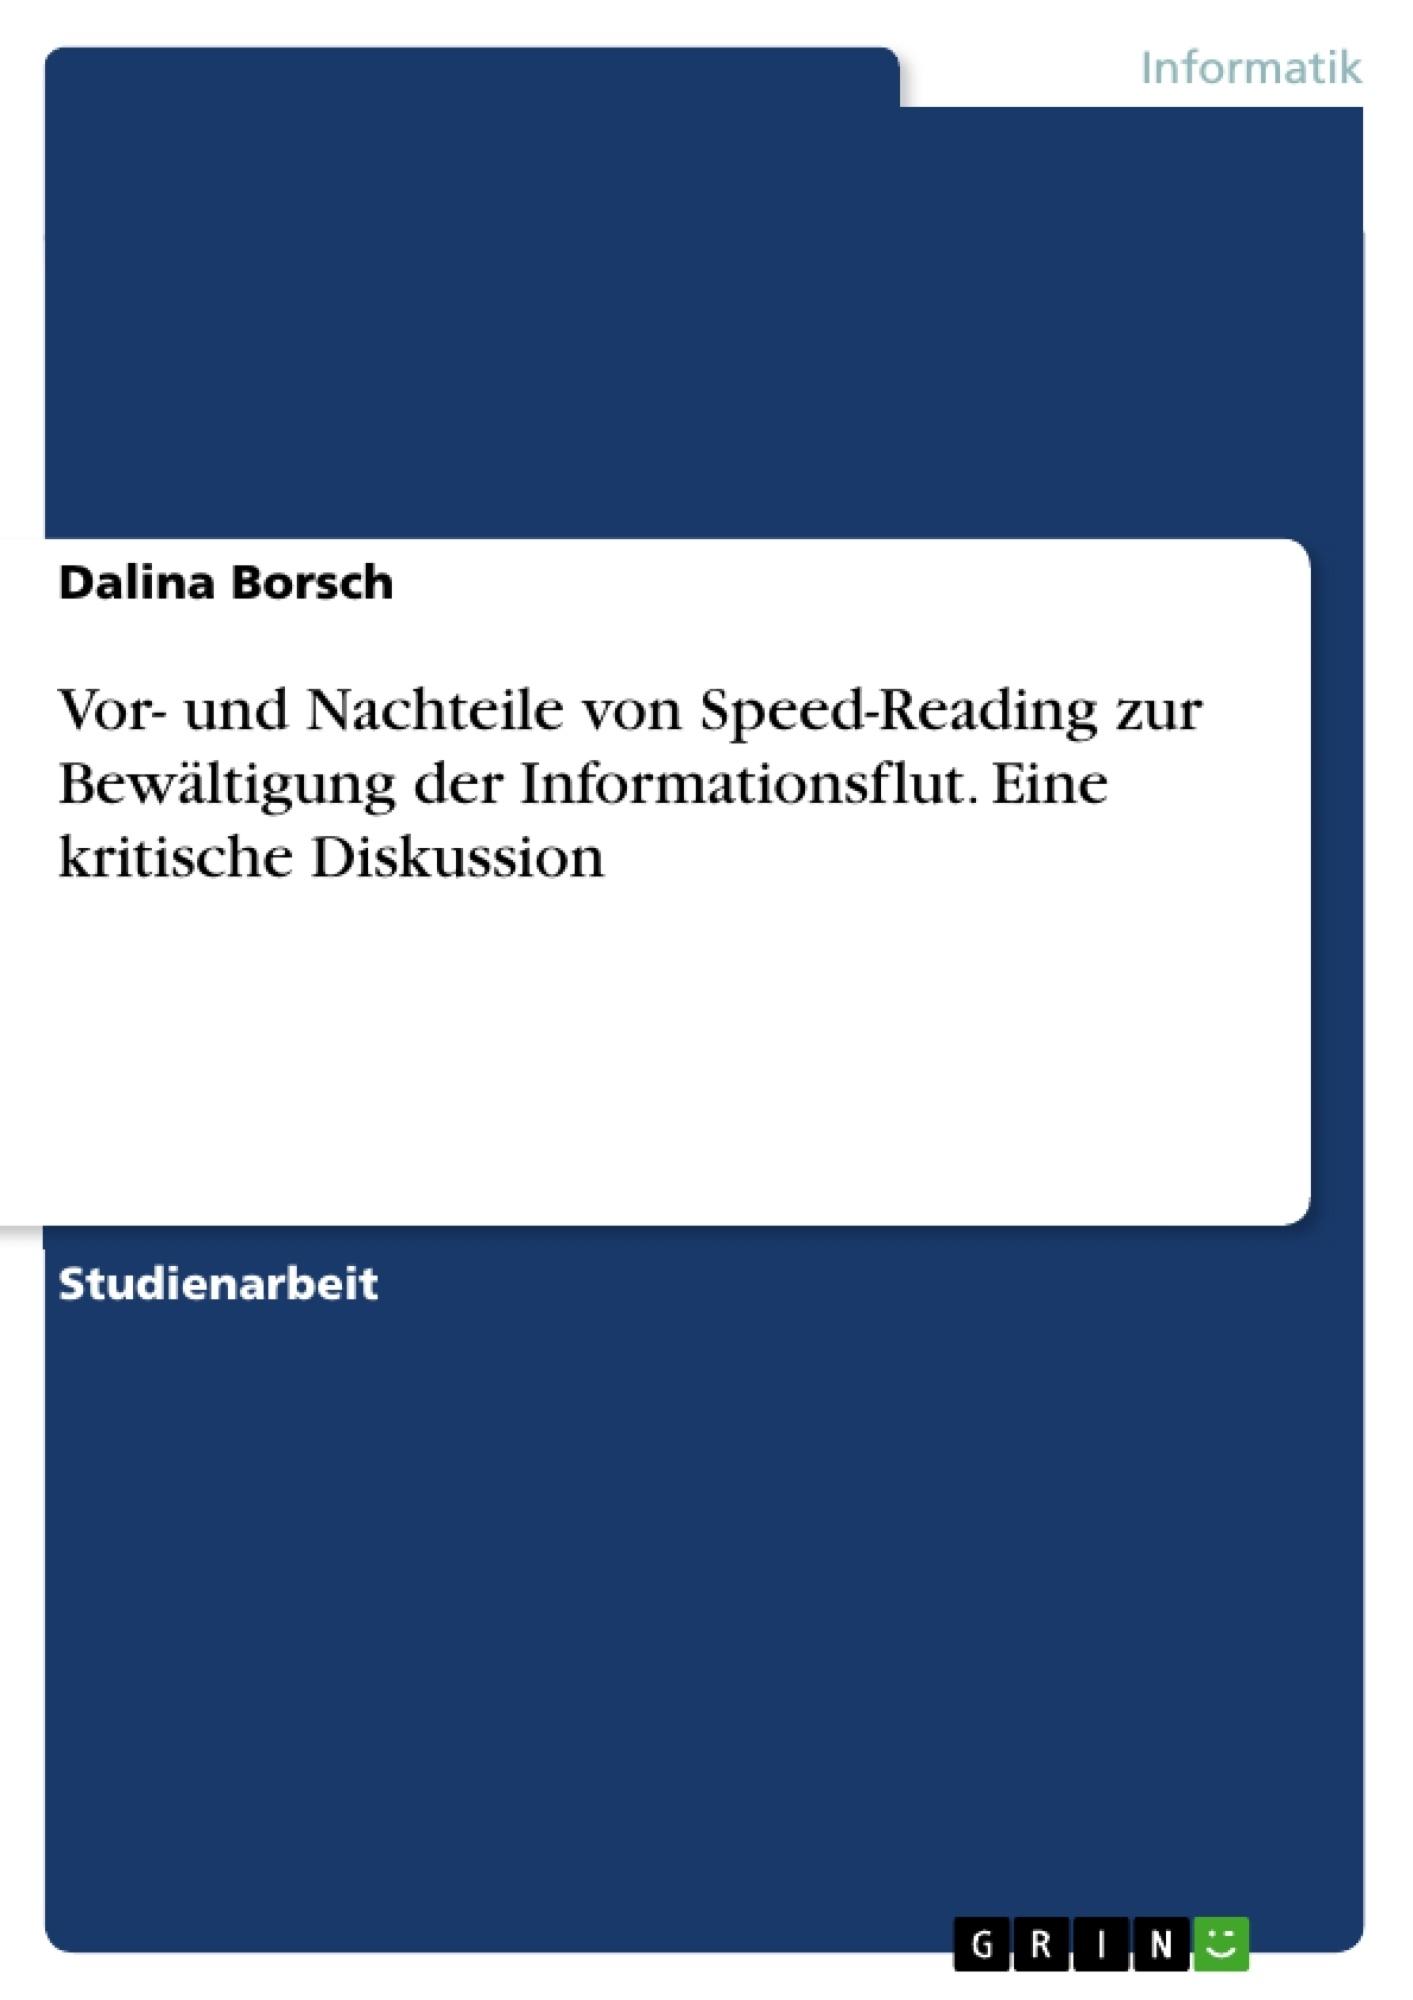 Titel: Vor- und Nachteile von Speed-Reading zur Bewältigung der Informationsflut. Eine kritische Diskussion